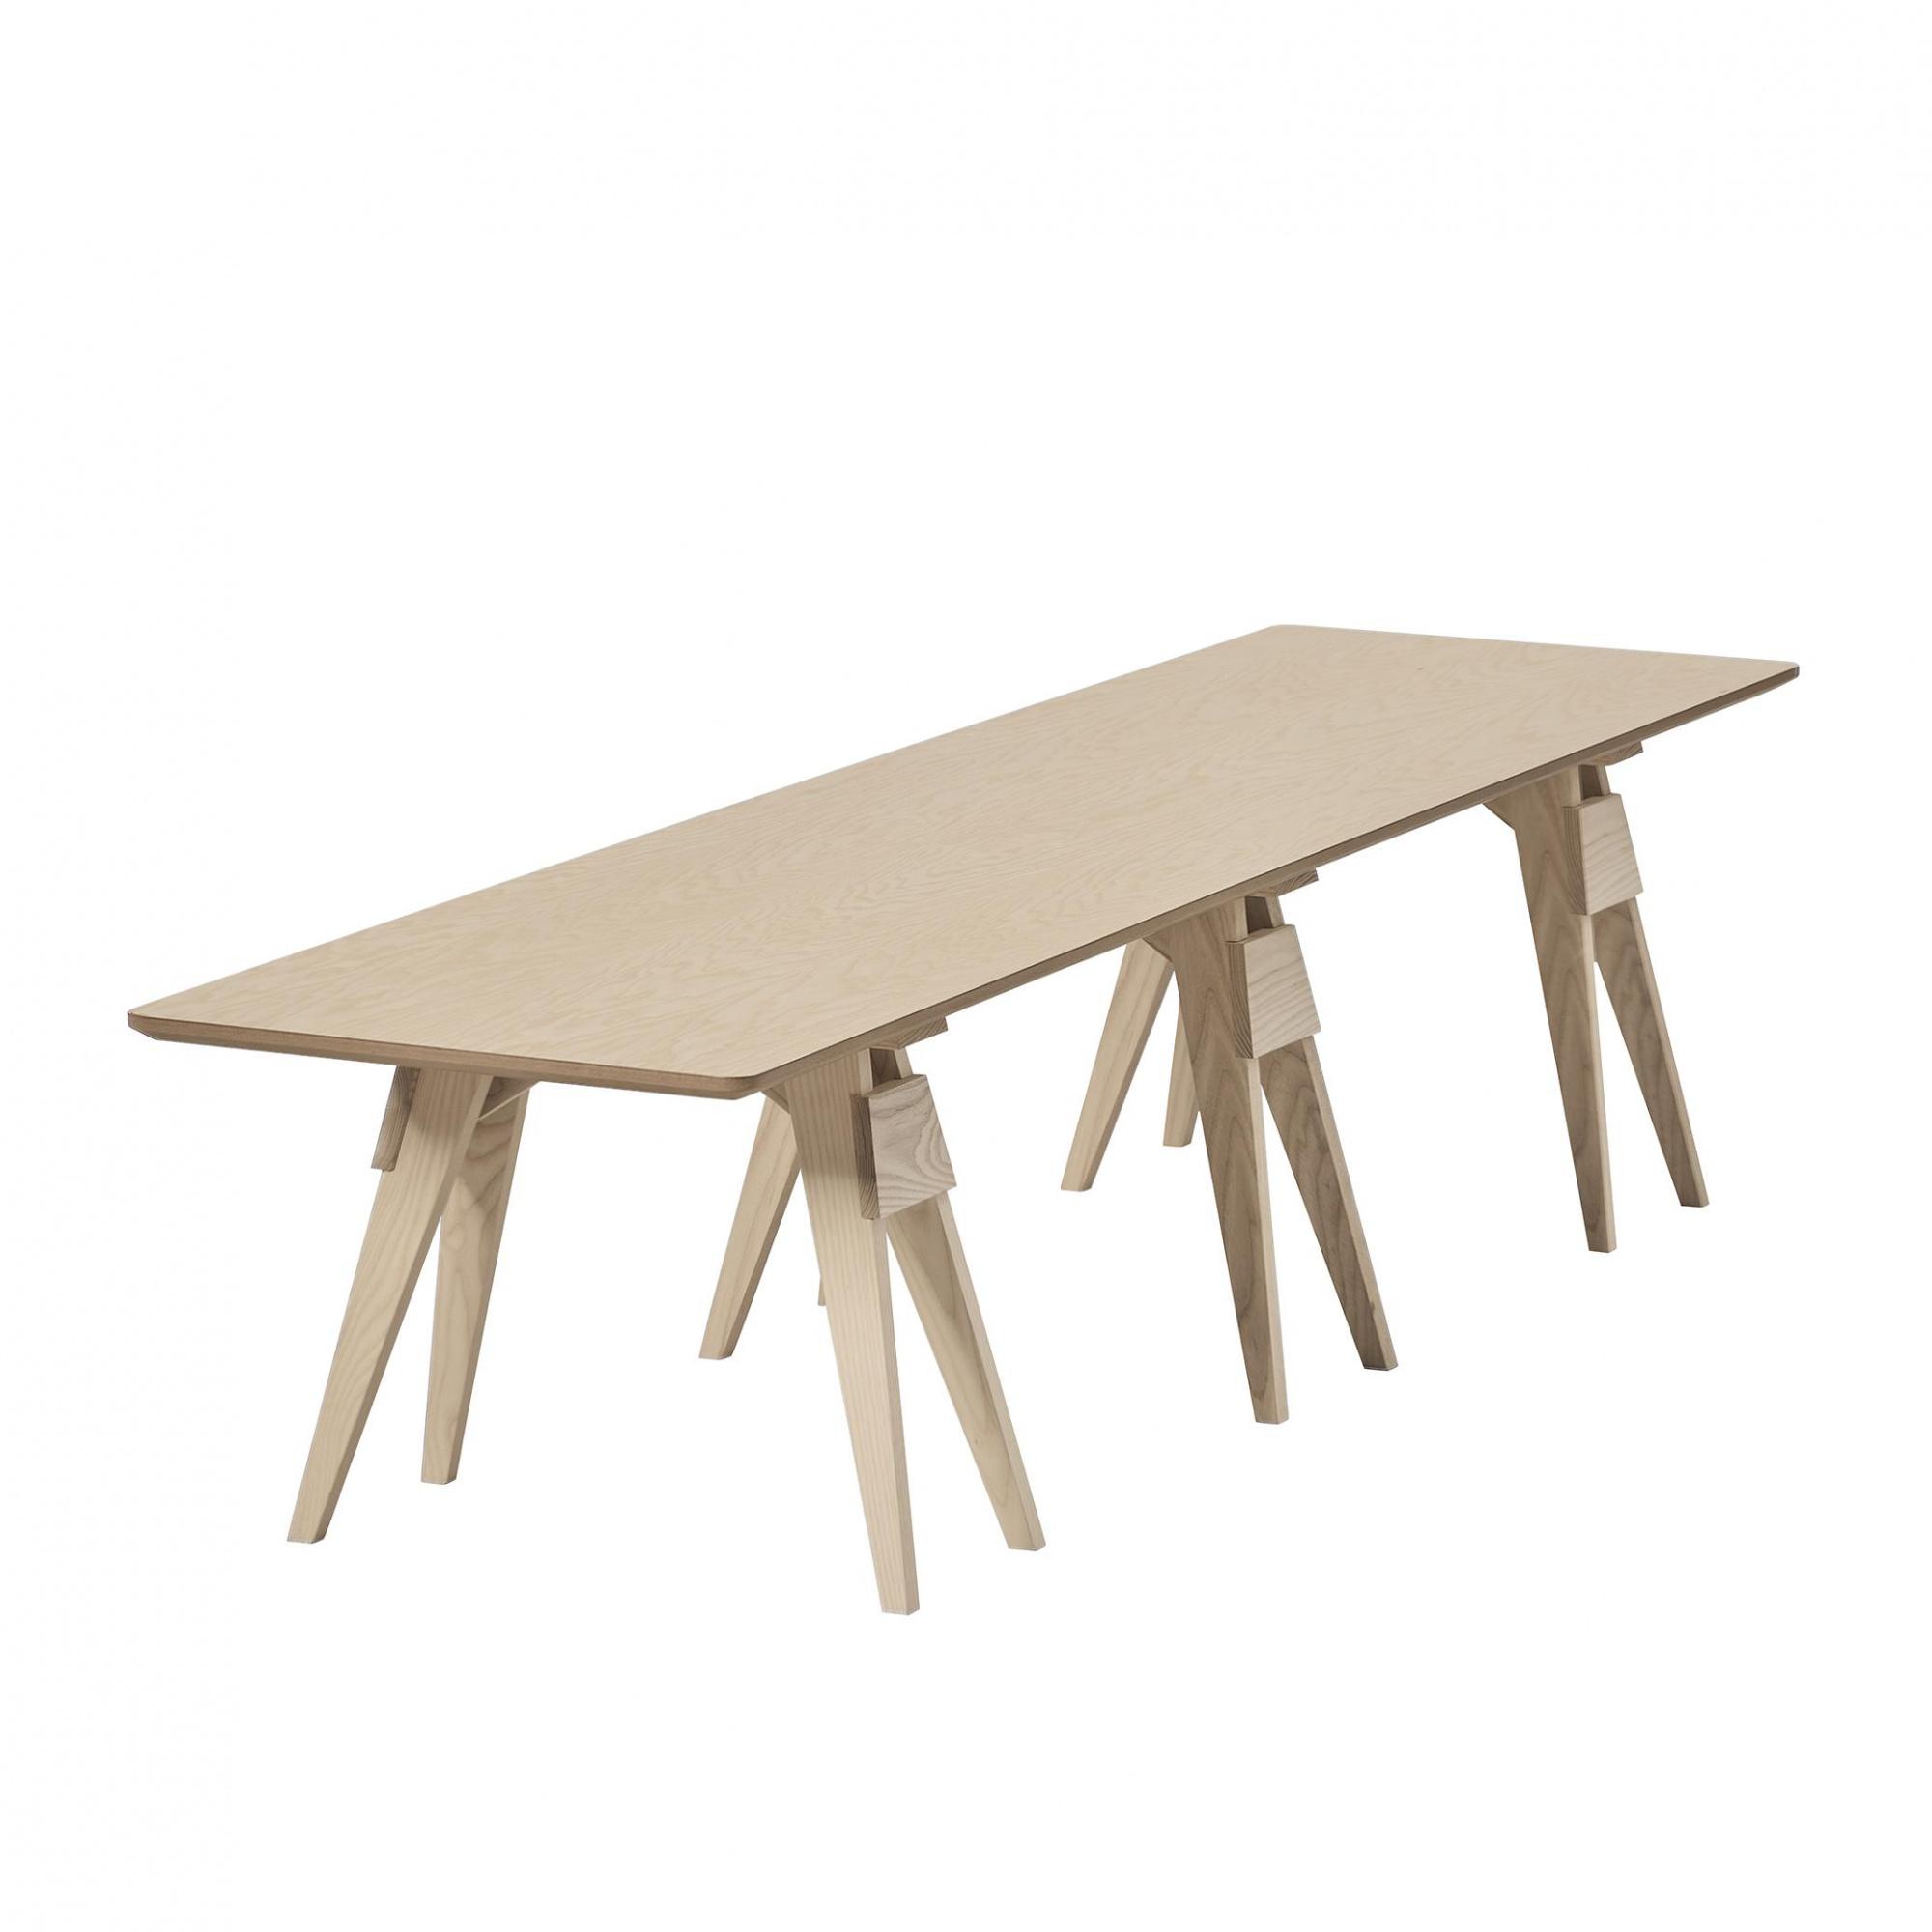 DesignHouseStockholm - Arco Couchtisch 182x42x40cm - eiche/Tischplatte 2cm/Gestell lackiert | Wohnzimmer > Tische > Couchtische | Eiche | Massivholz | DesignHouseStockholm